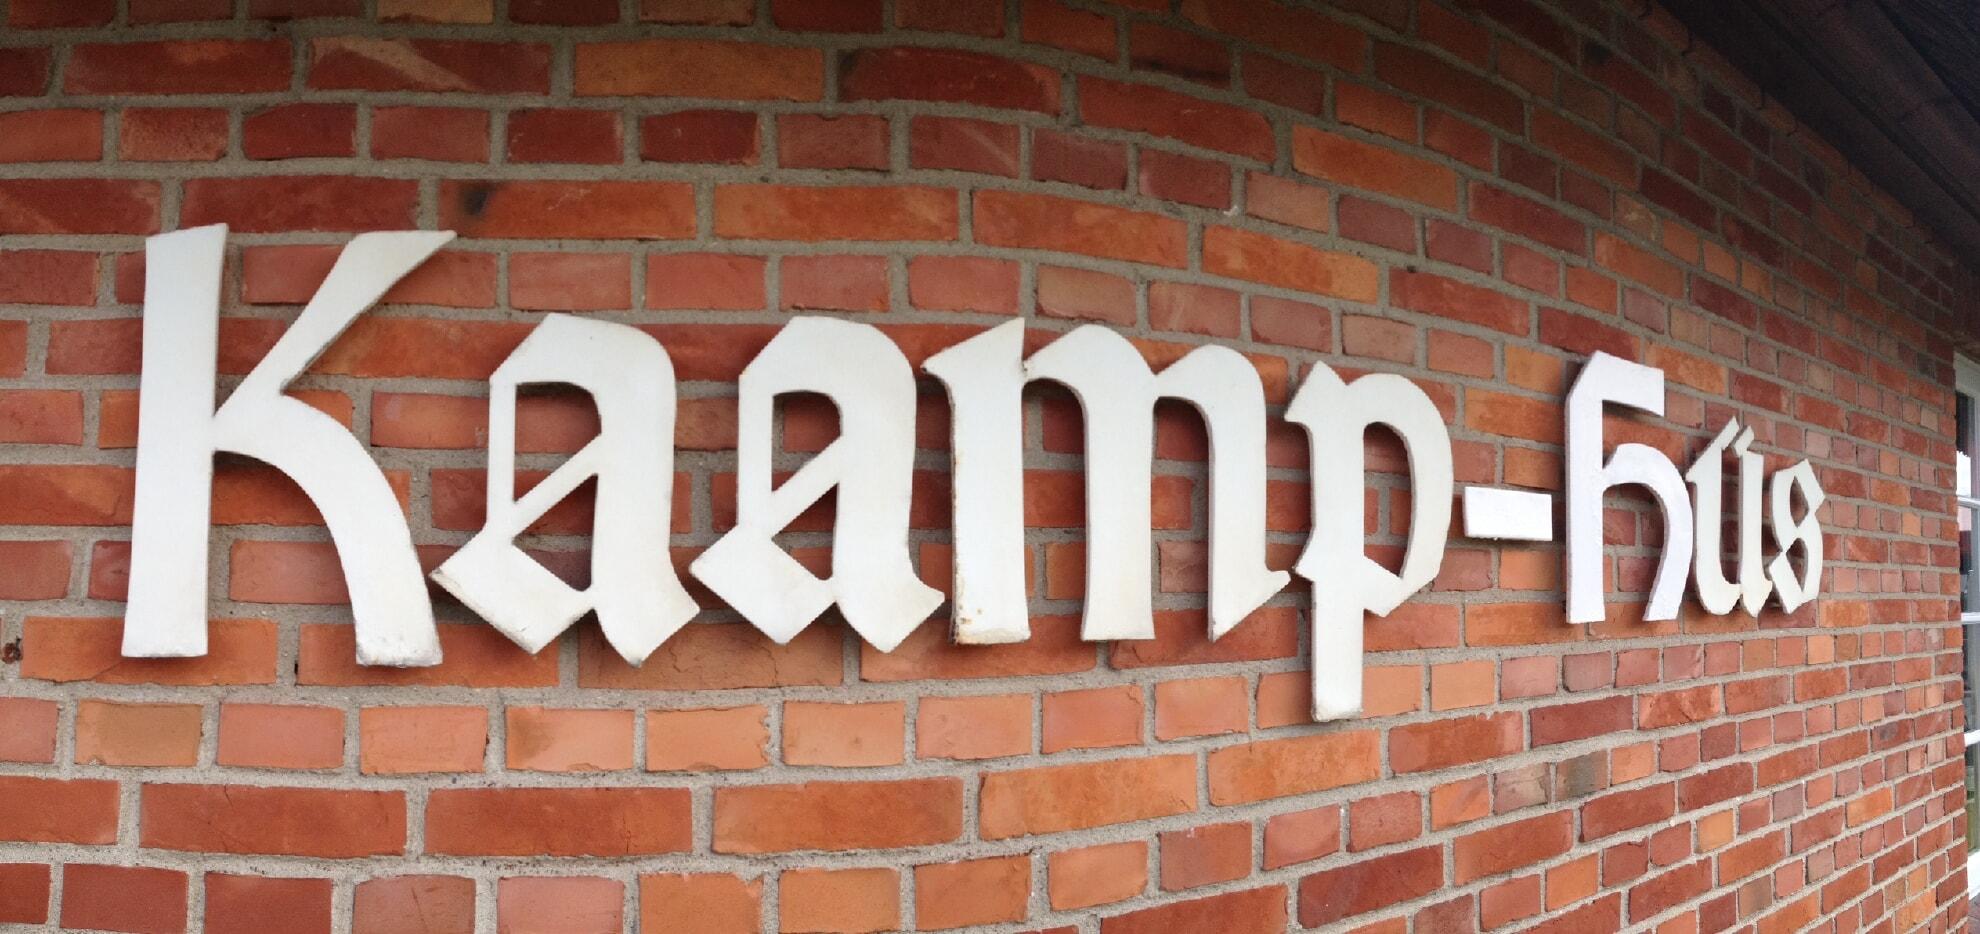 Galerie im Kaamp-Hüs